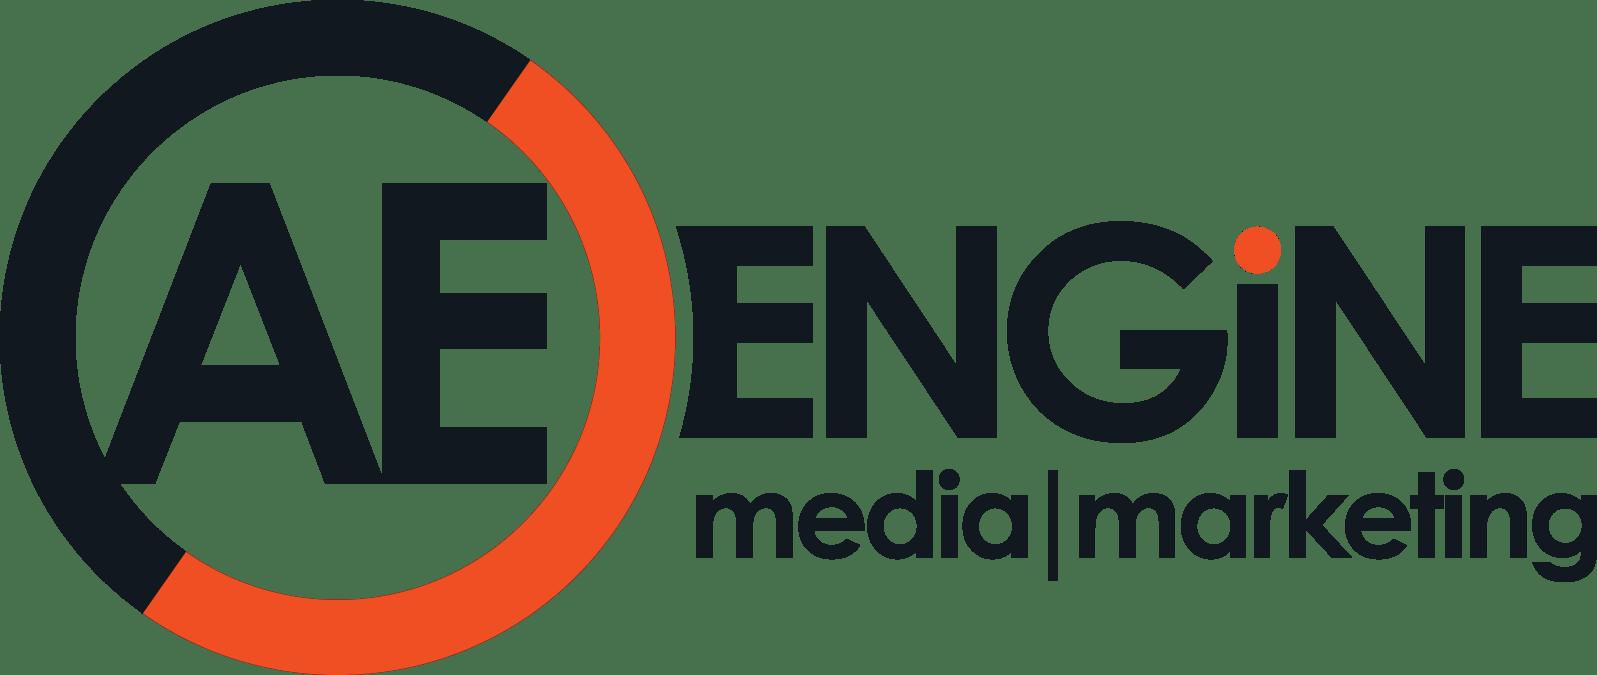 A.E. Engine Media and Marketing